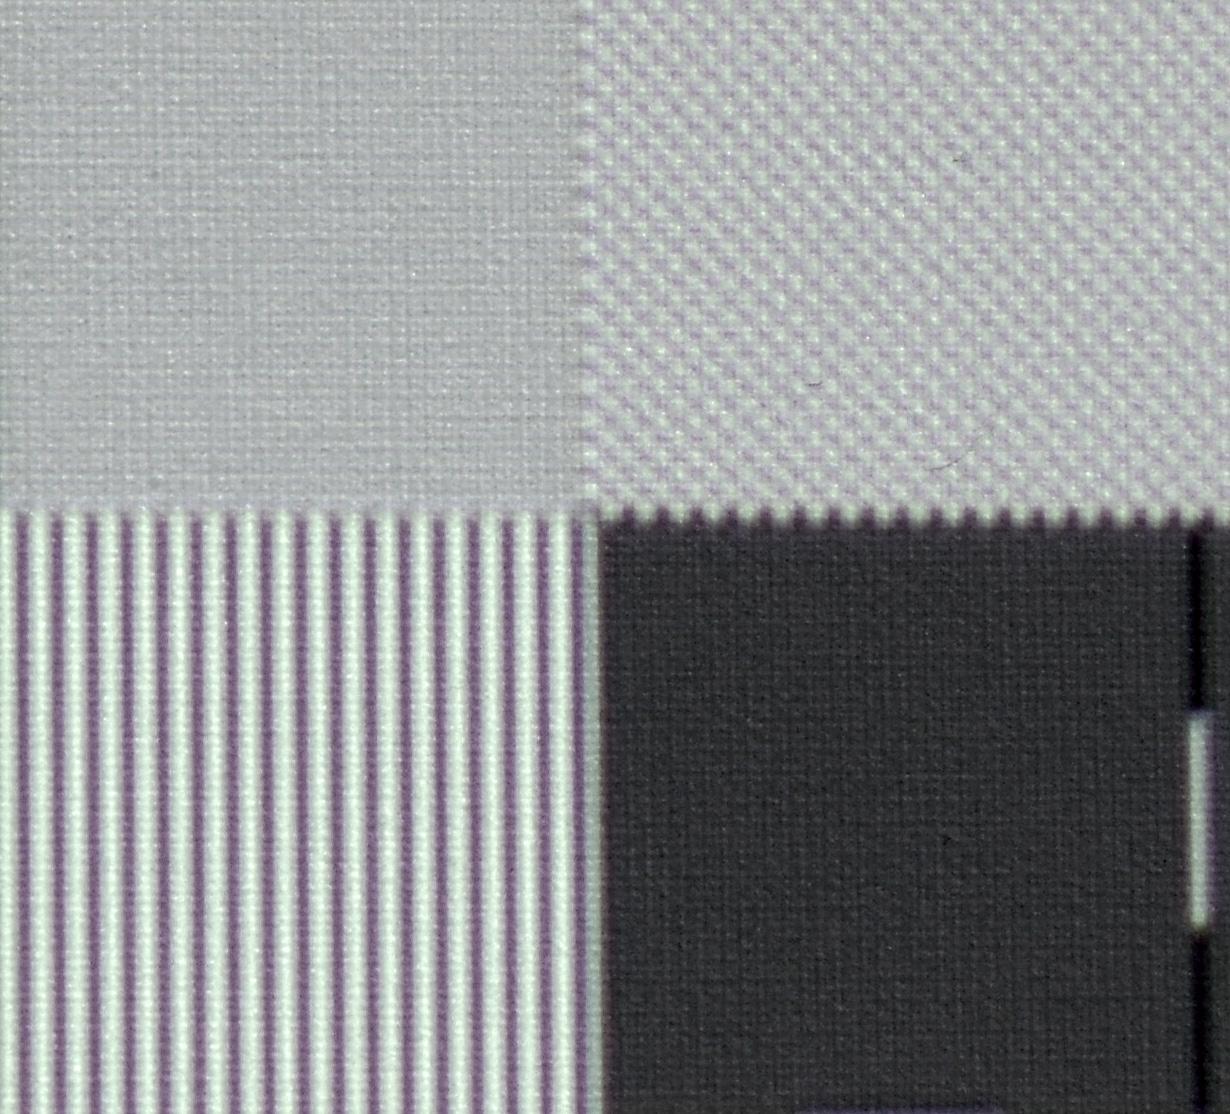 """UHD-Pixelauflösung: Um die Arbeitsweise der XPR-Technologie nachzuvollziehen, habe ich ein Testbild u. a. mit Schachbrettmuster in UHD-Pixelauflösung (oben links) zugespielt. In der Makroaufnahme fällt sofort auf, dass es praktisch keine einzelnen Felder mehr gibt, sondern die ganze Fläche grau verfärbt erscheint. Dies lässt darauf schließen, dass sich schwarze und weiße Felder überlagern, so dass die """"Mischfarbe"""" Grau entsteht. Das kenne ich auch so von anderen Projektoren mit eShift-Technologie und Full-HD-Auflösung (Epson EH-TW9300 und JVC DLA-X5900). Rechts neben dem UHD-Schachbrettmuster befindet sich ein Schachbrett mit Full-HD-Auflösung. Hier werden hingegen alle Pixel vollständig dargestellt, wenn auch mit reduziertem Kontrast."""